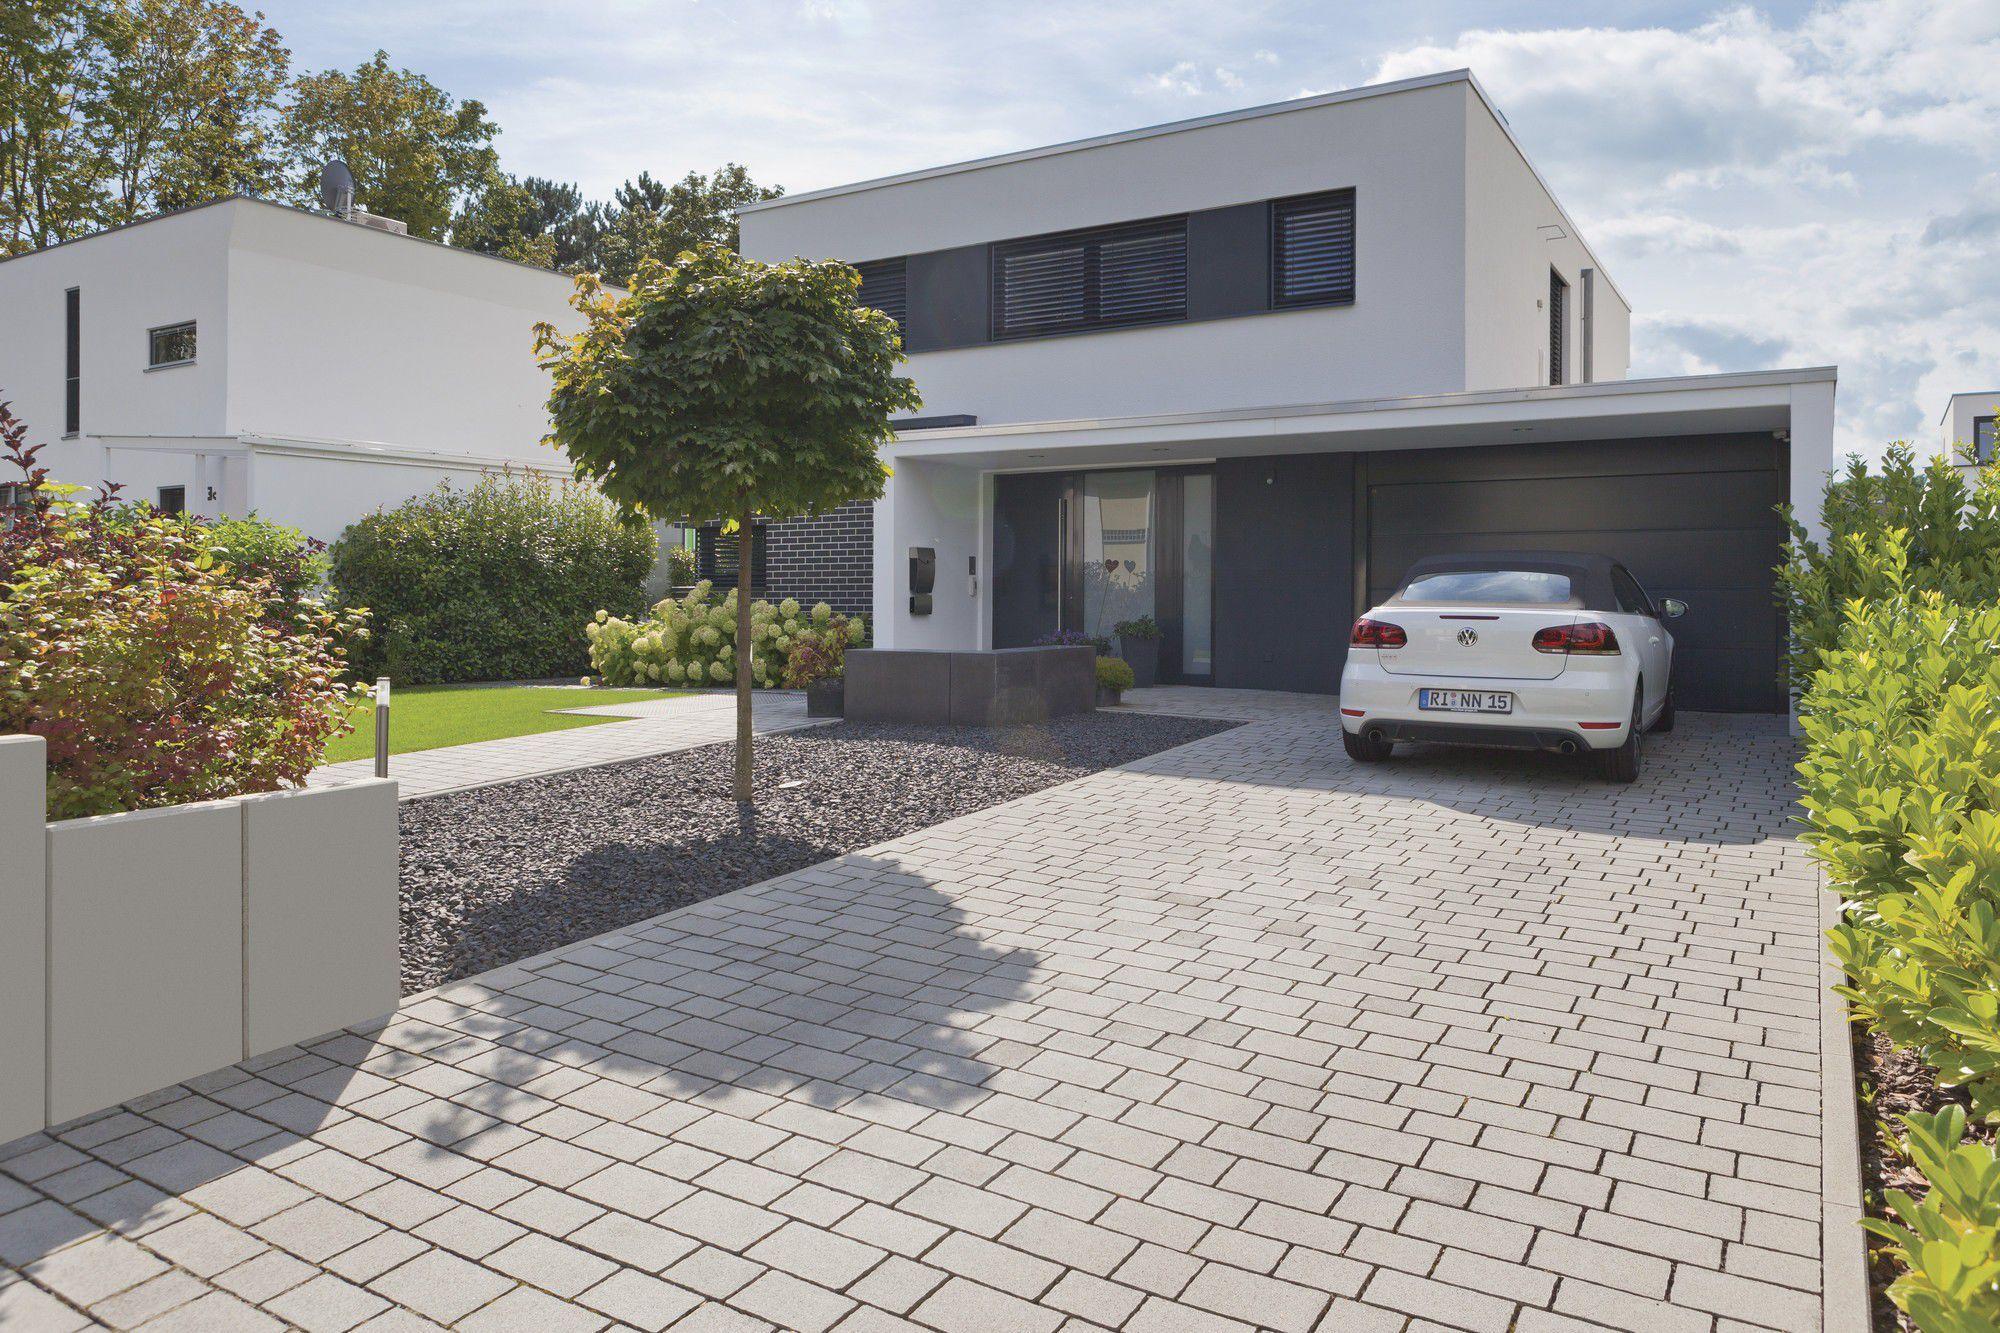 bildergebnis f r pflastersteine beton mit natursteinen kombiniert pflastersteine beton haus